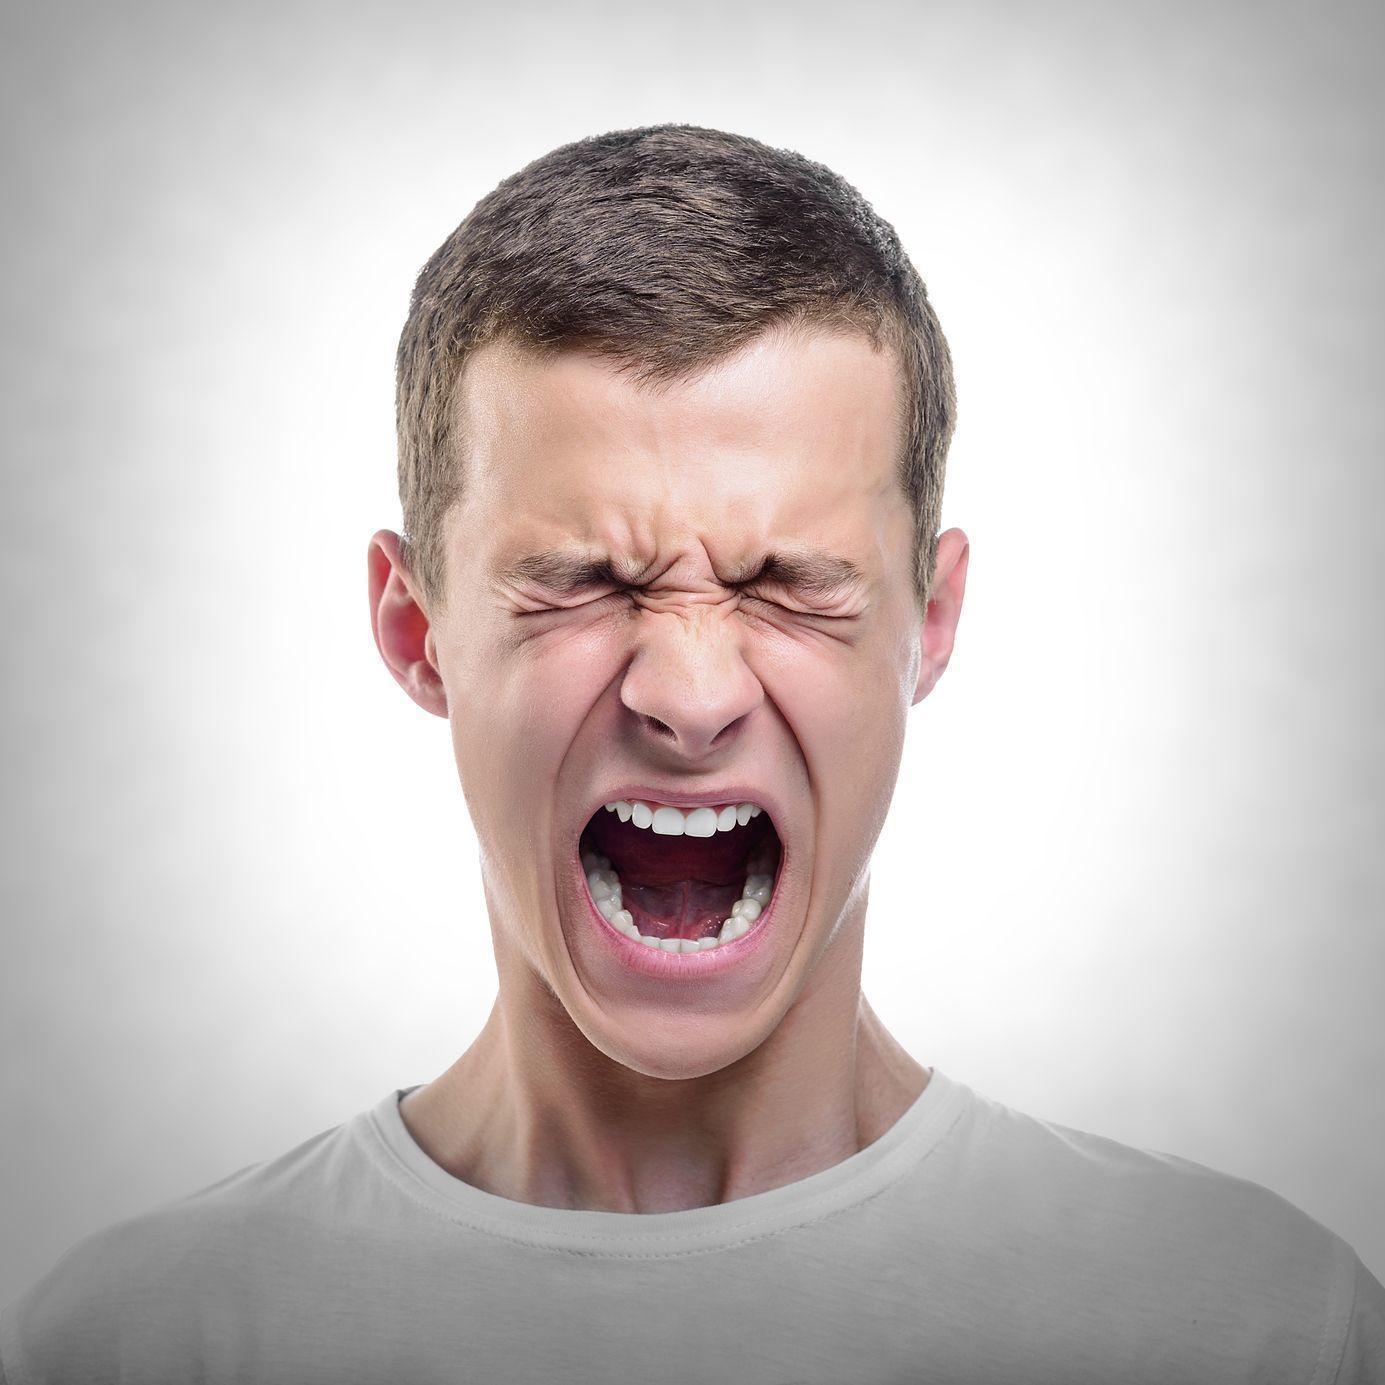 ミノキシジルタブレット(ミノタブ) 頭痛めまい